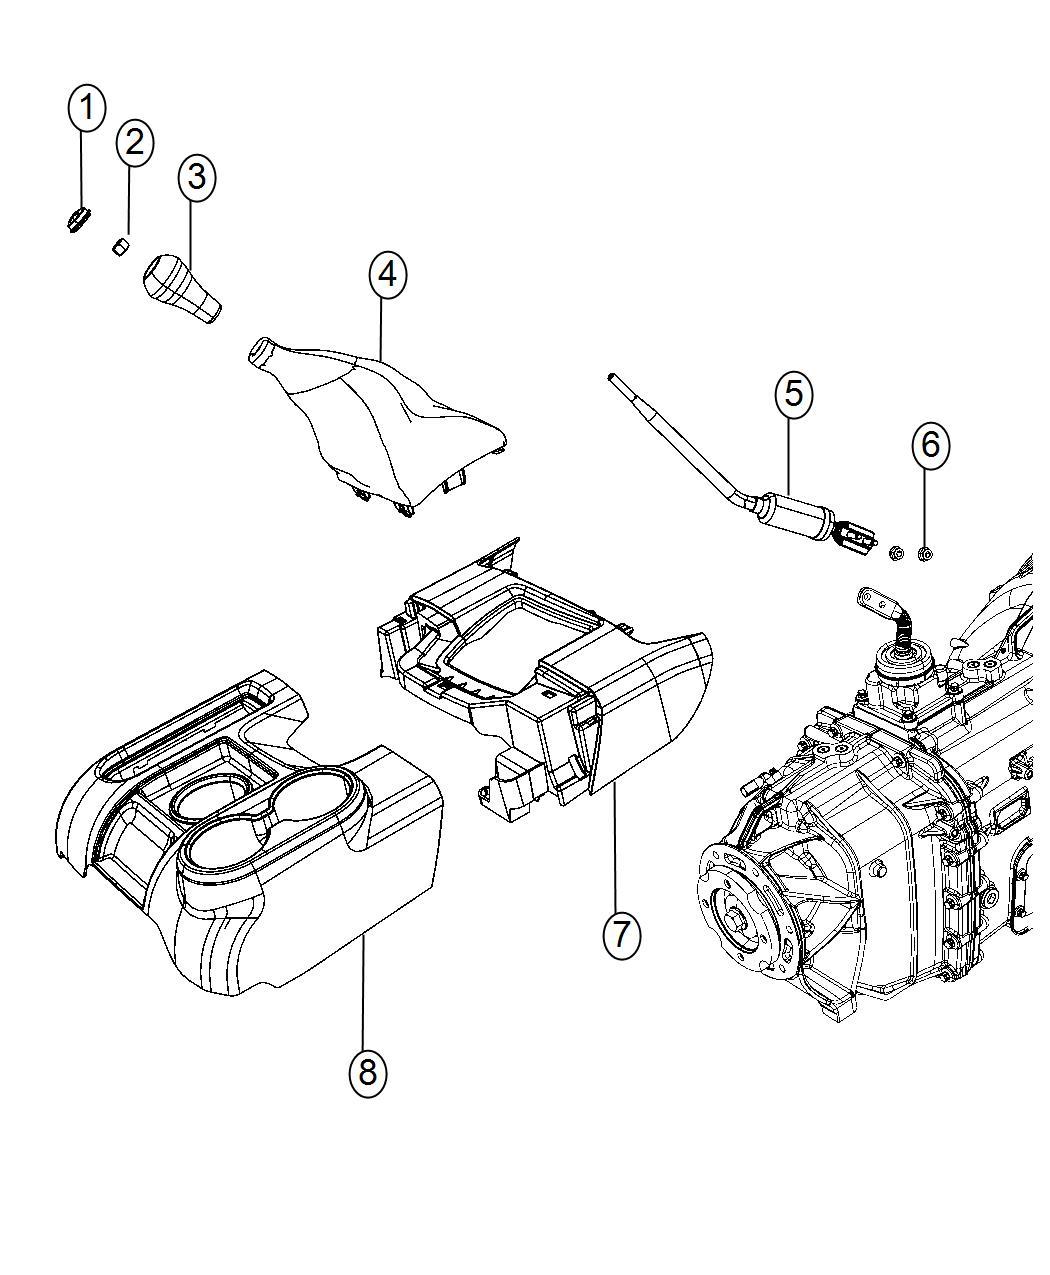 Ram Console Floor Rear Trim No Description